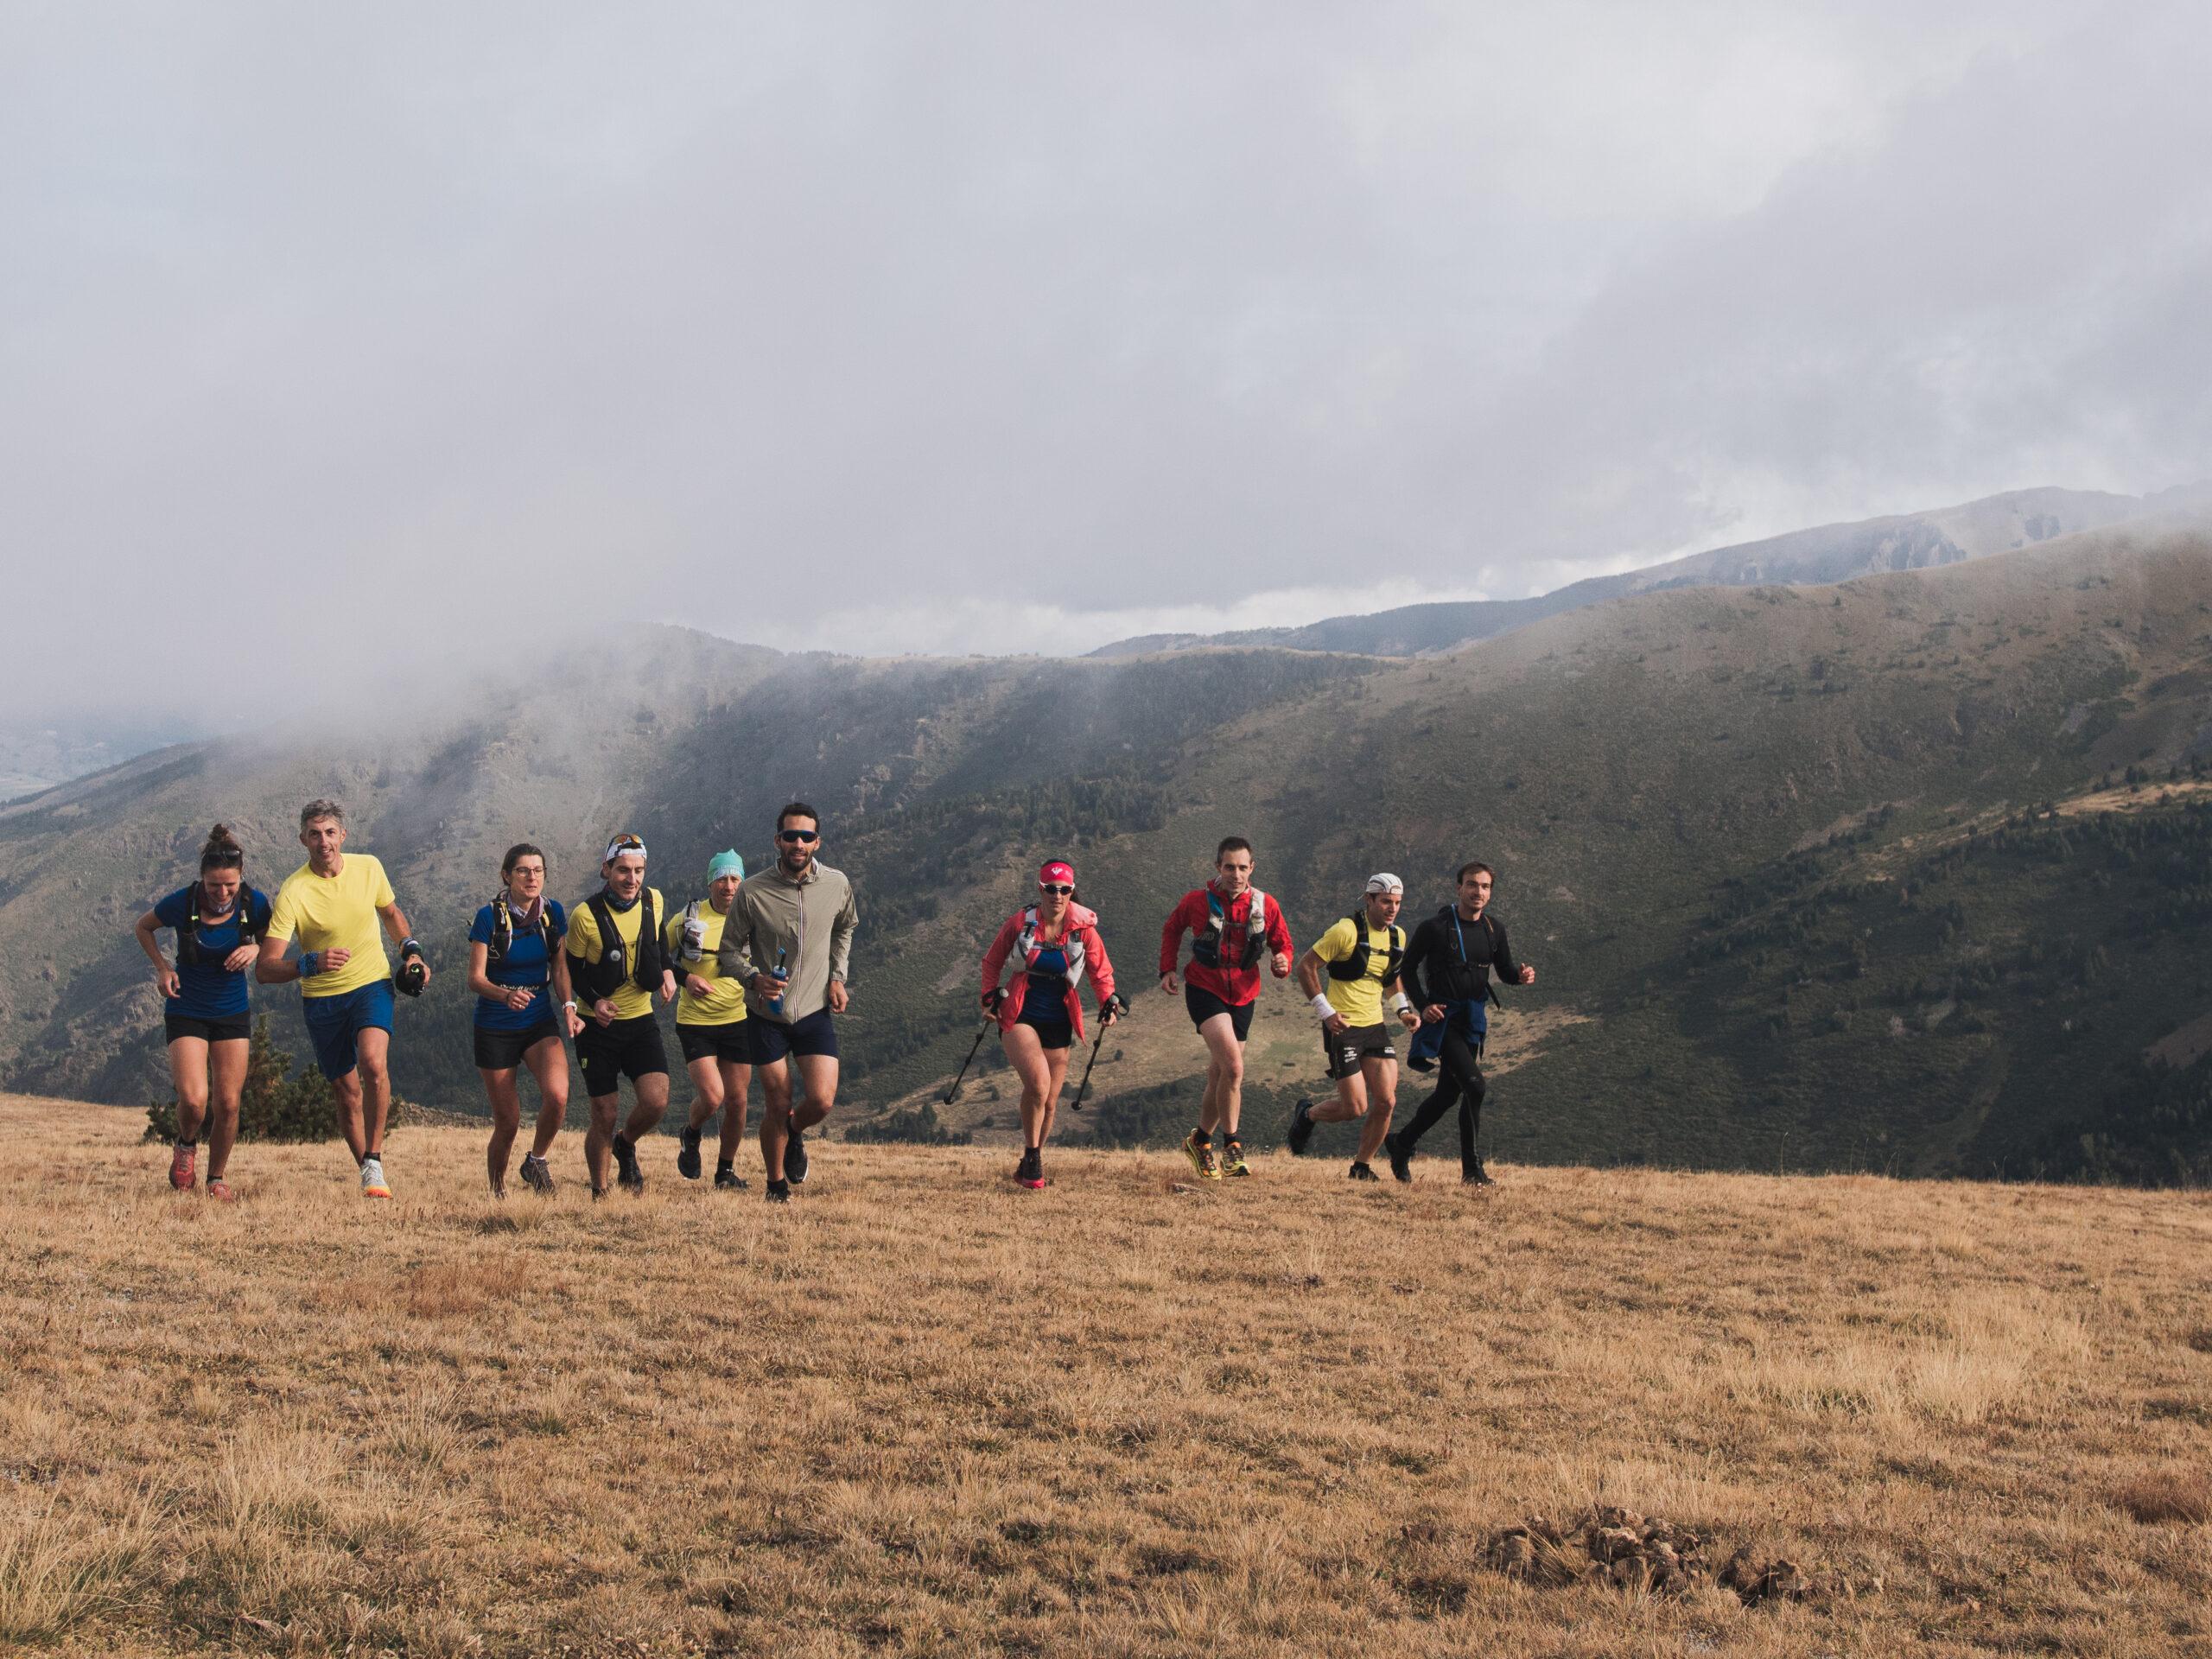 Sortie de groupe en trail running sur la station Puigmal